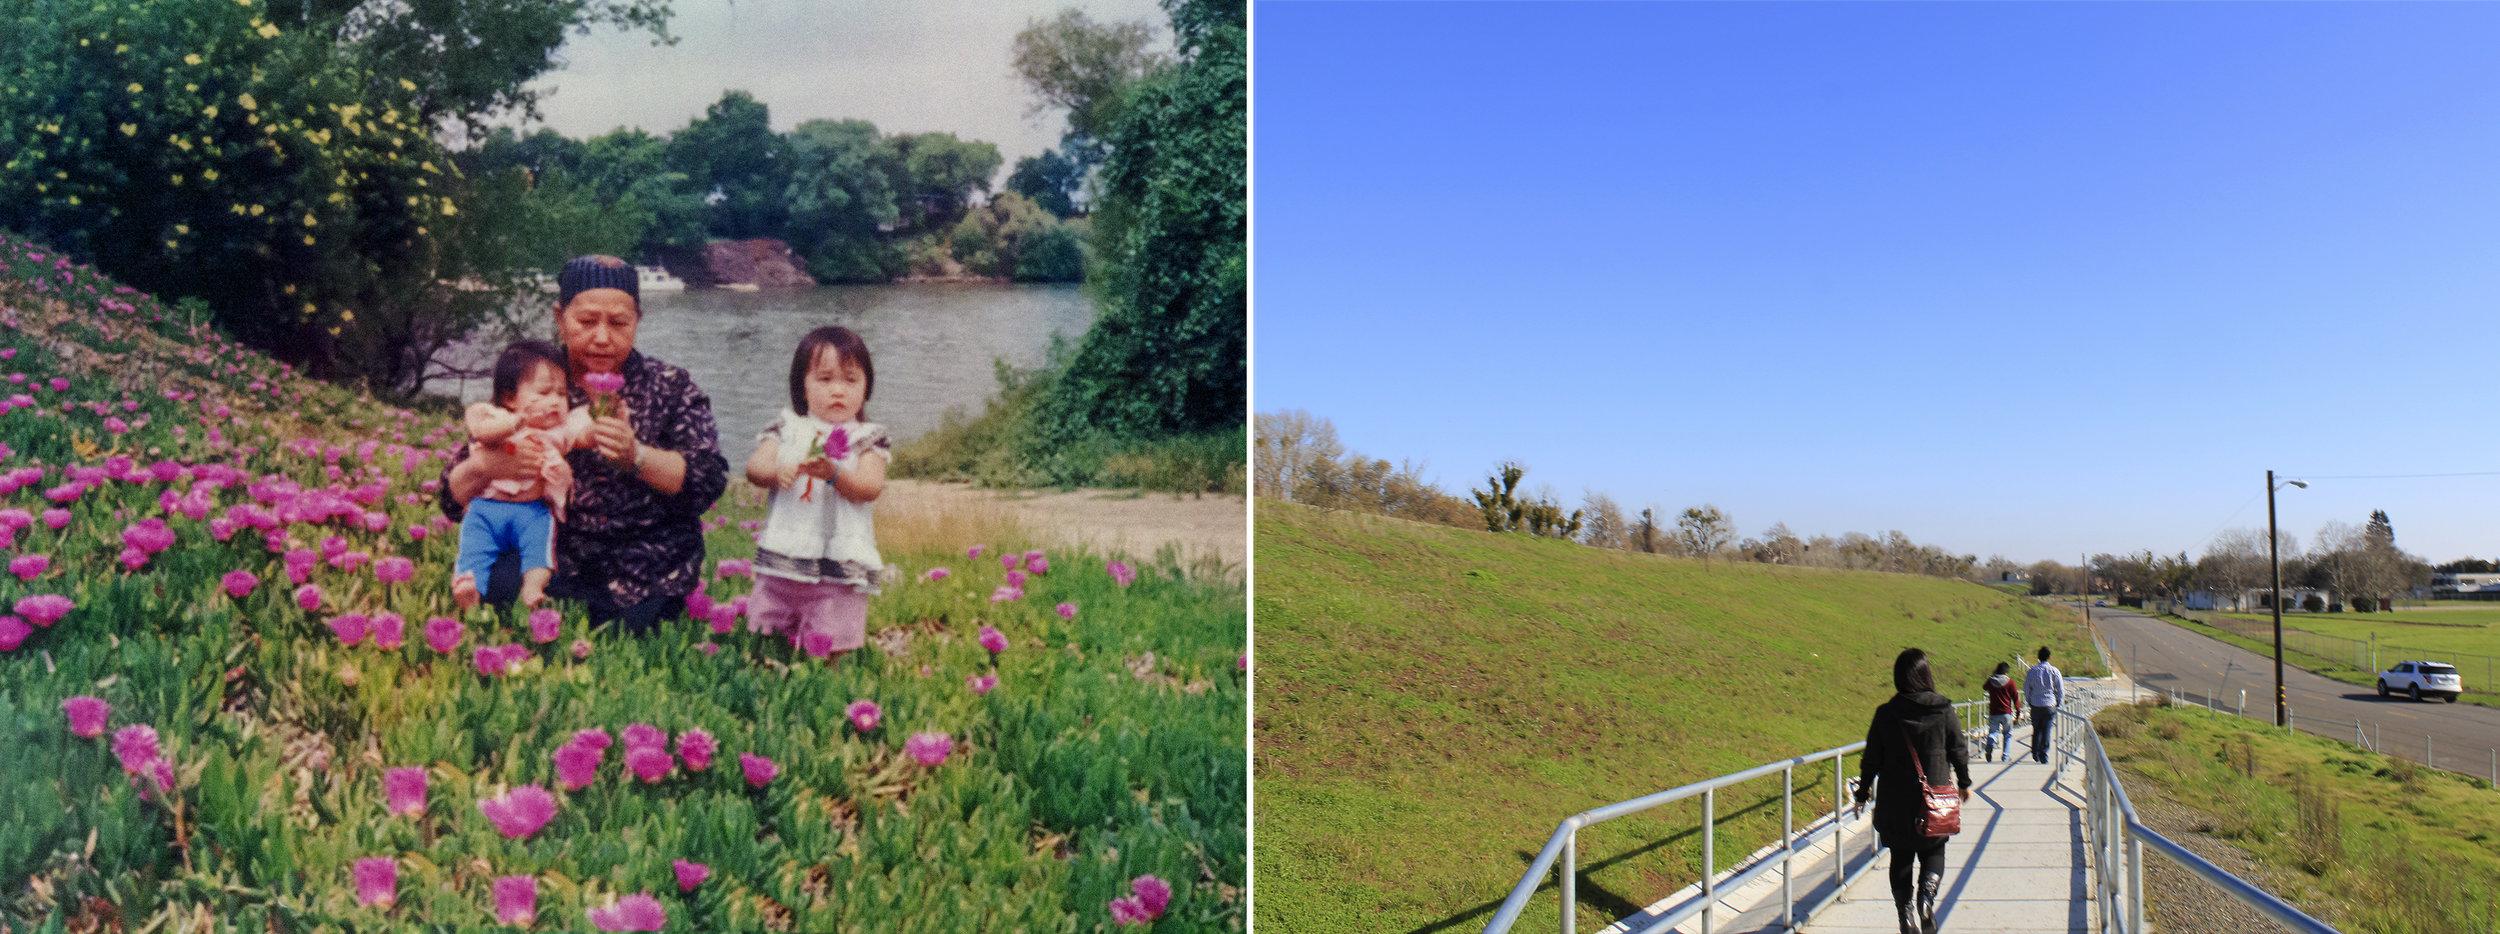 Left: Sacramento, California 1987, Right: Sacramento, California 2012